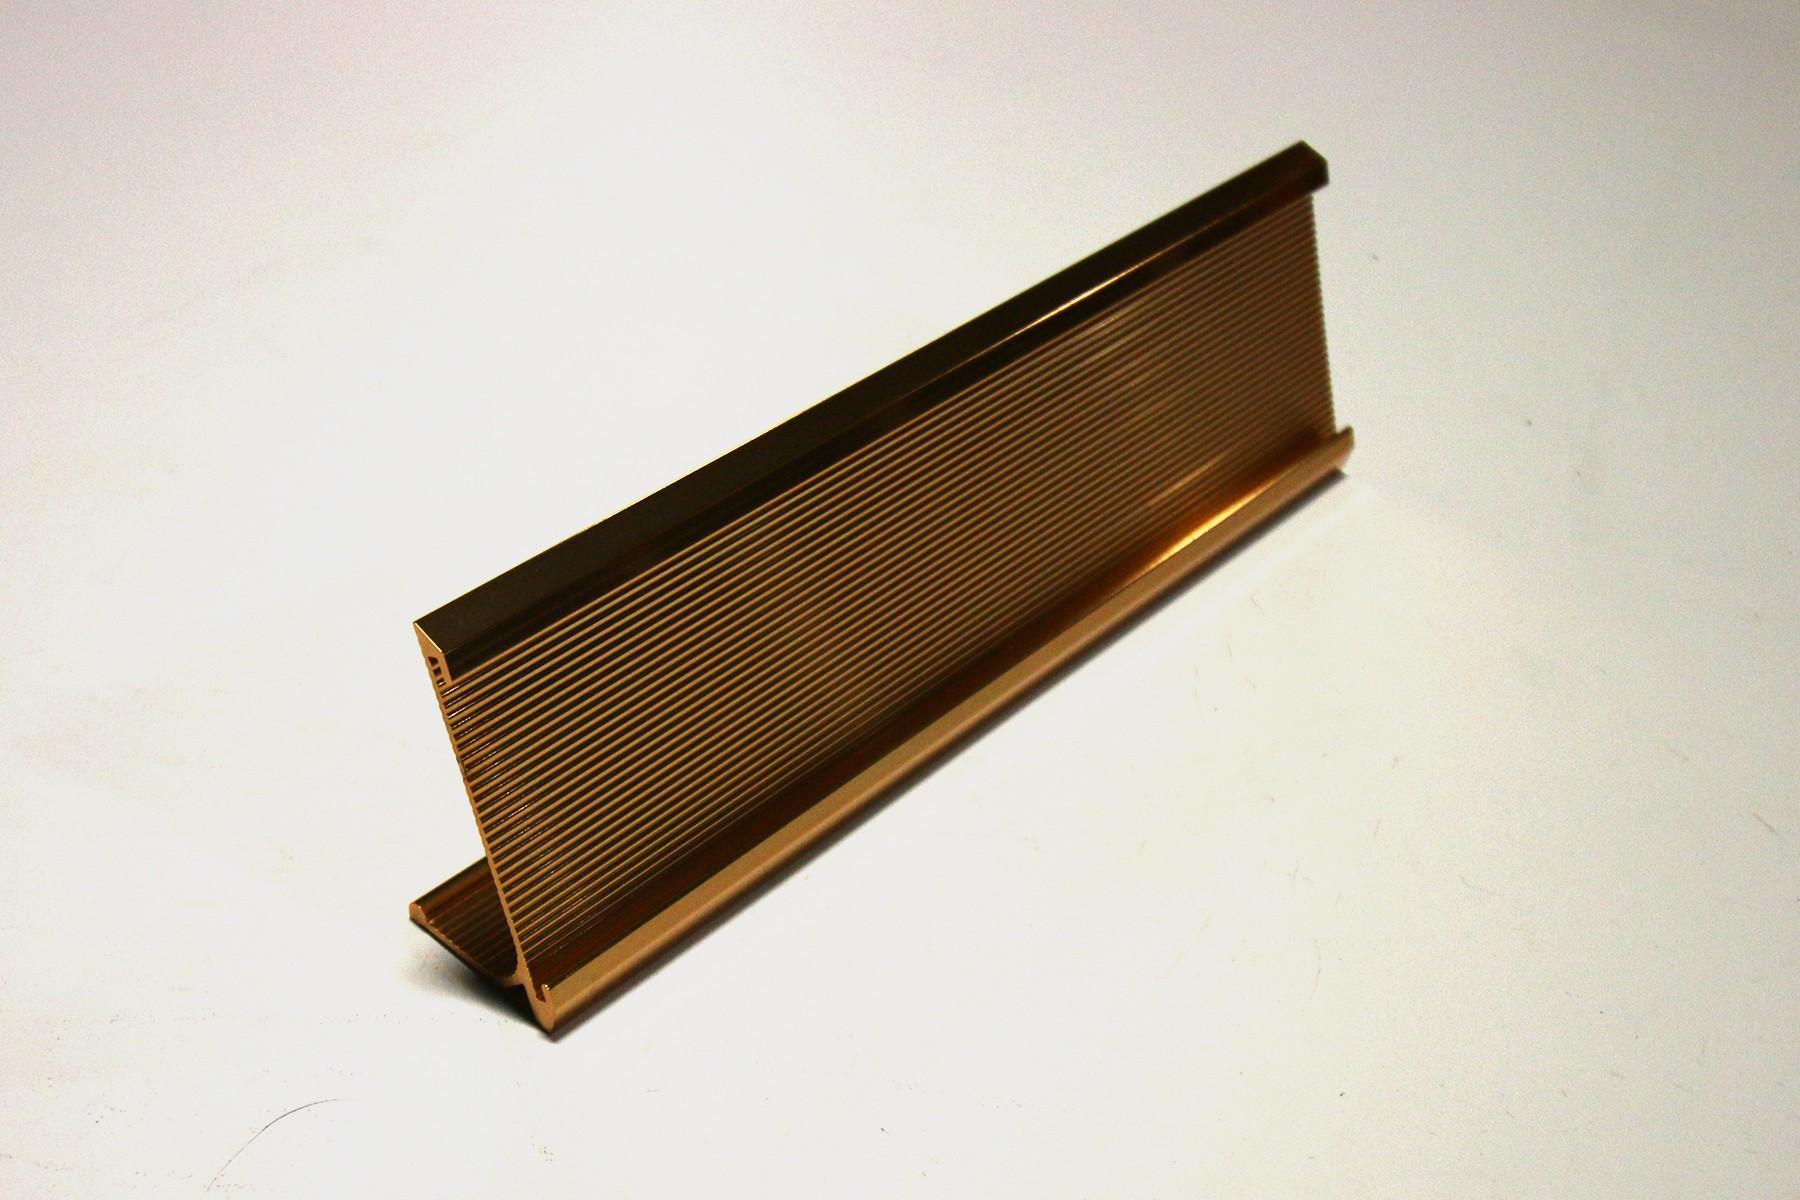 2 x 10 Ribbed Desk Holder, Gold